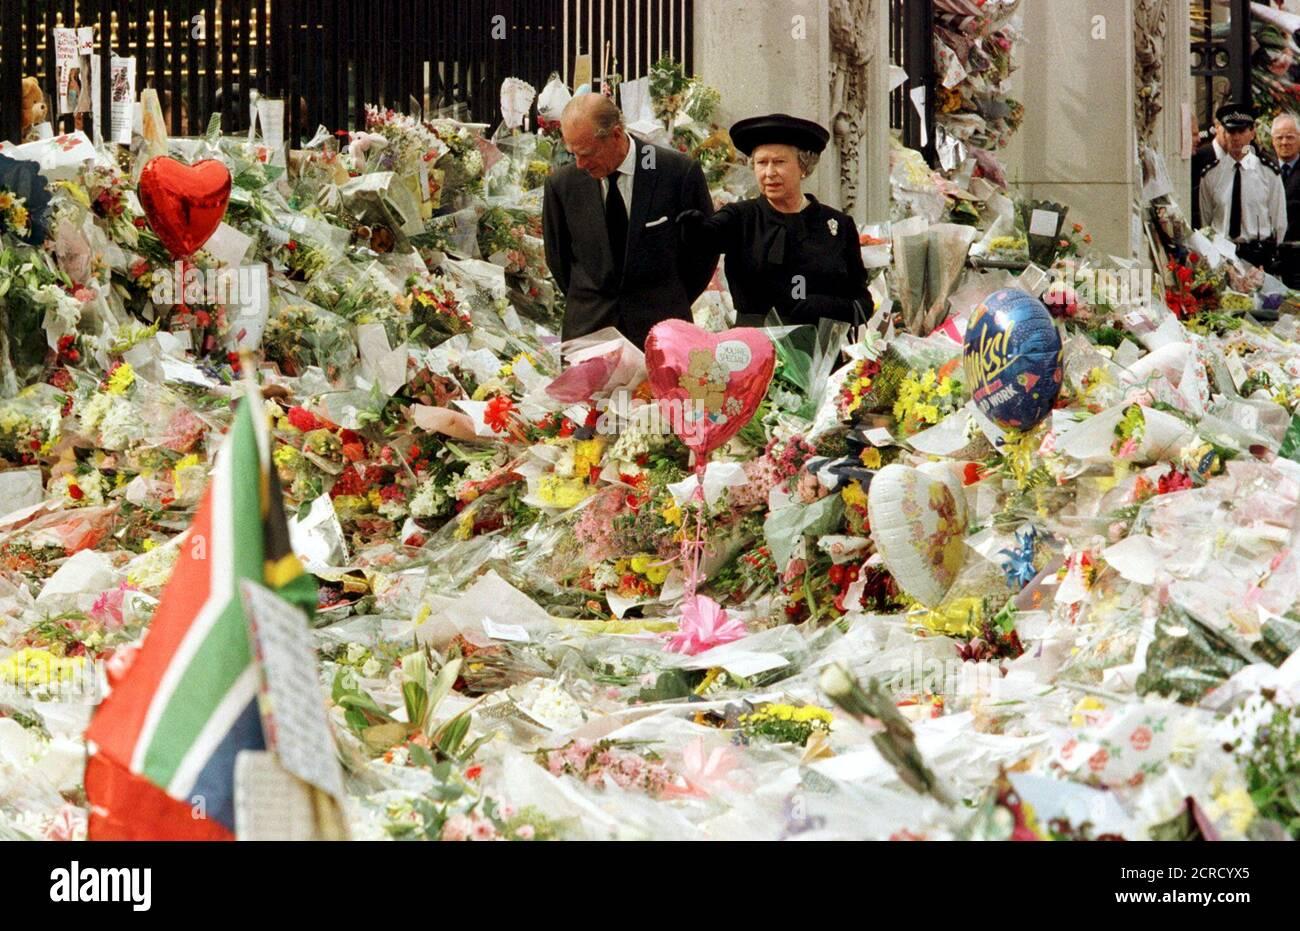 La Reina Isabel de Gran Bretaña y el Duque de Edimburgo miran los tributos florales que se encuentran fuera del Palacio de Buckingham en memoria de Diana, Princesa de Gales, Londres, en este archivo de fotos del 5 de septiembre de 1997. La Reina Isabel celebra su 90 cumpleaños el 21 de abril de 2016. REUTERS/Ian Waldie/Archivos BUSCA 'Queen 90th' PARA TODAS LAS IMÁGENES Foto de stock